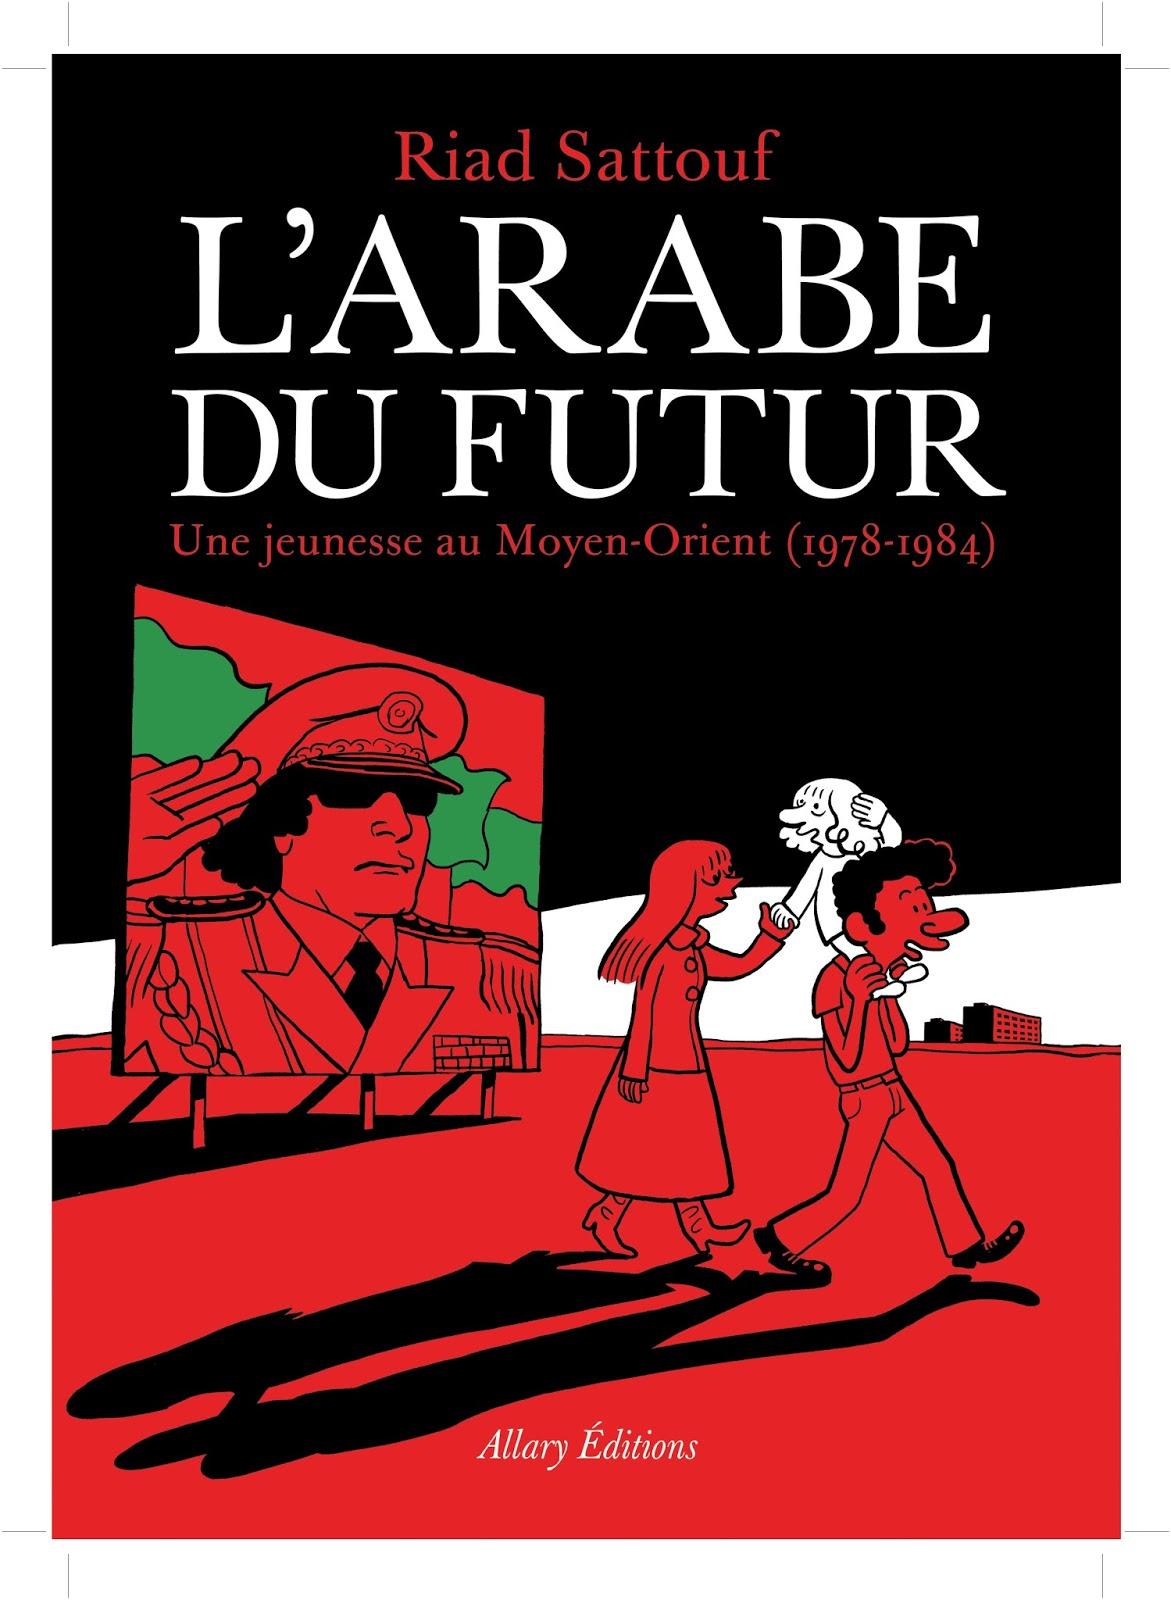 http://www.labibliodegaby.fr/2015/04/larabe-du-futur-de-riad-sattouf-mai-2014.html